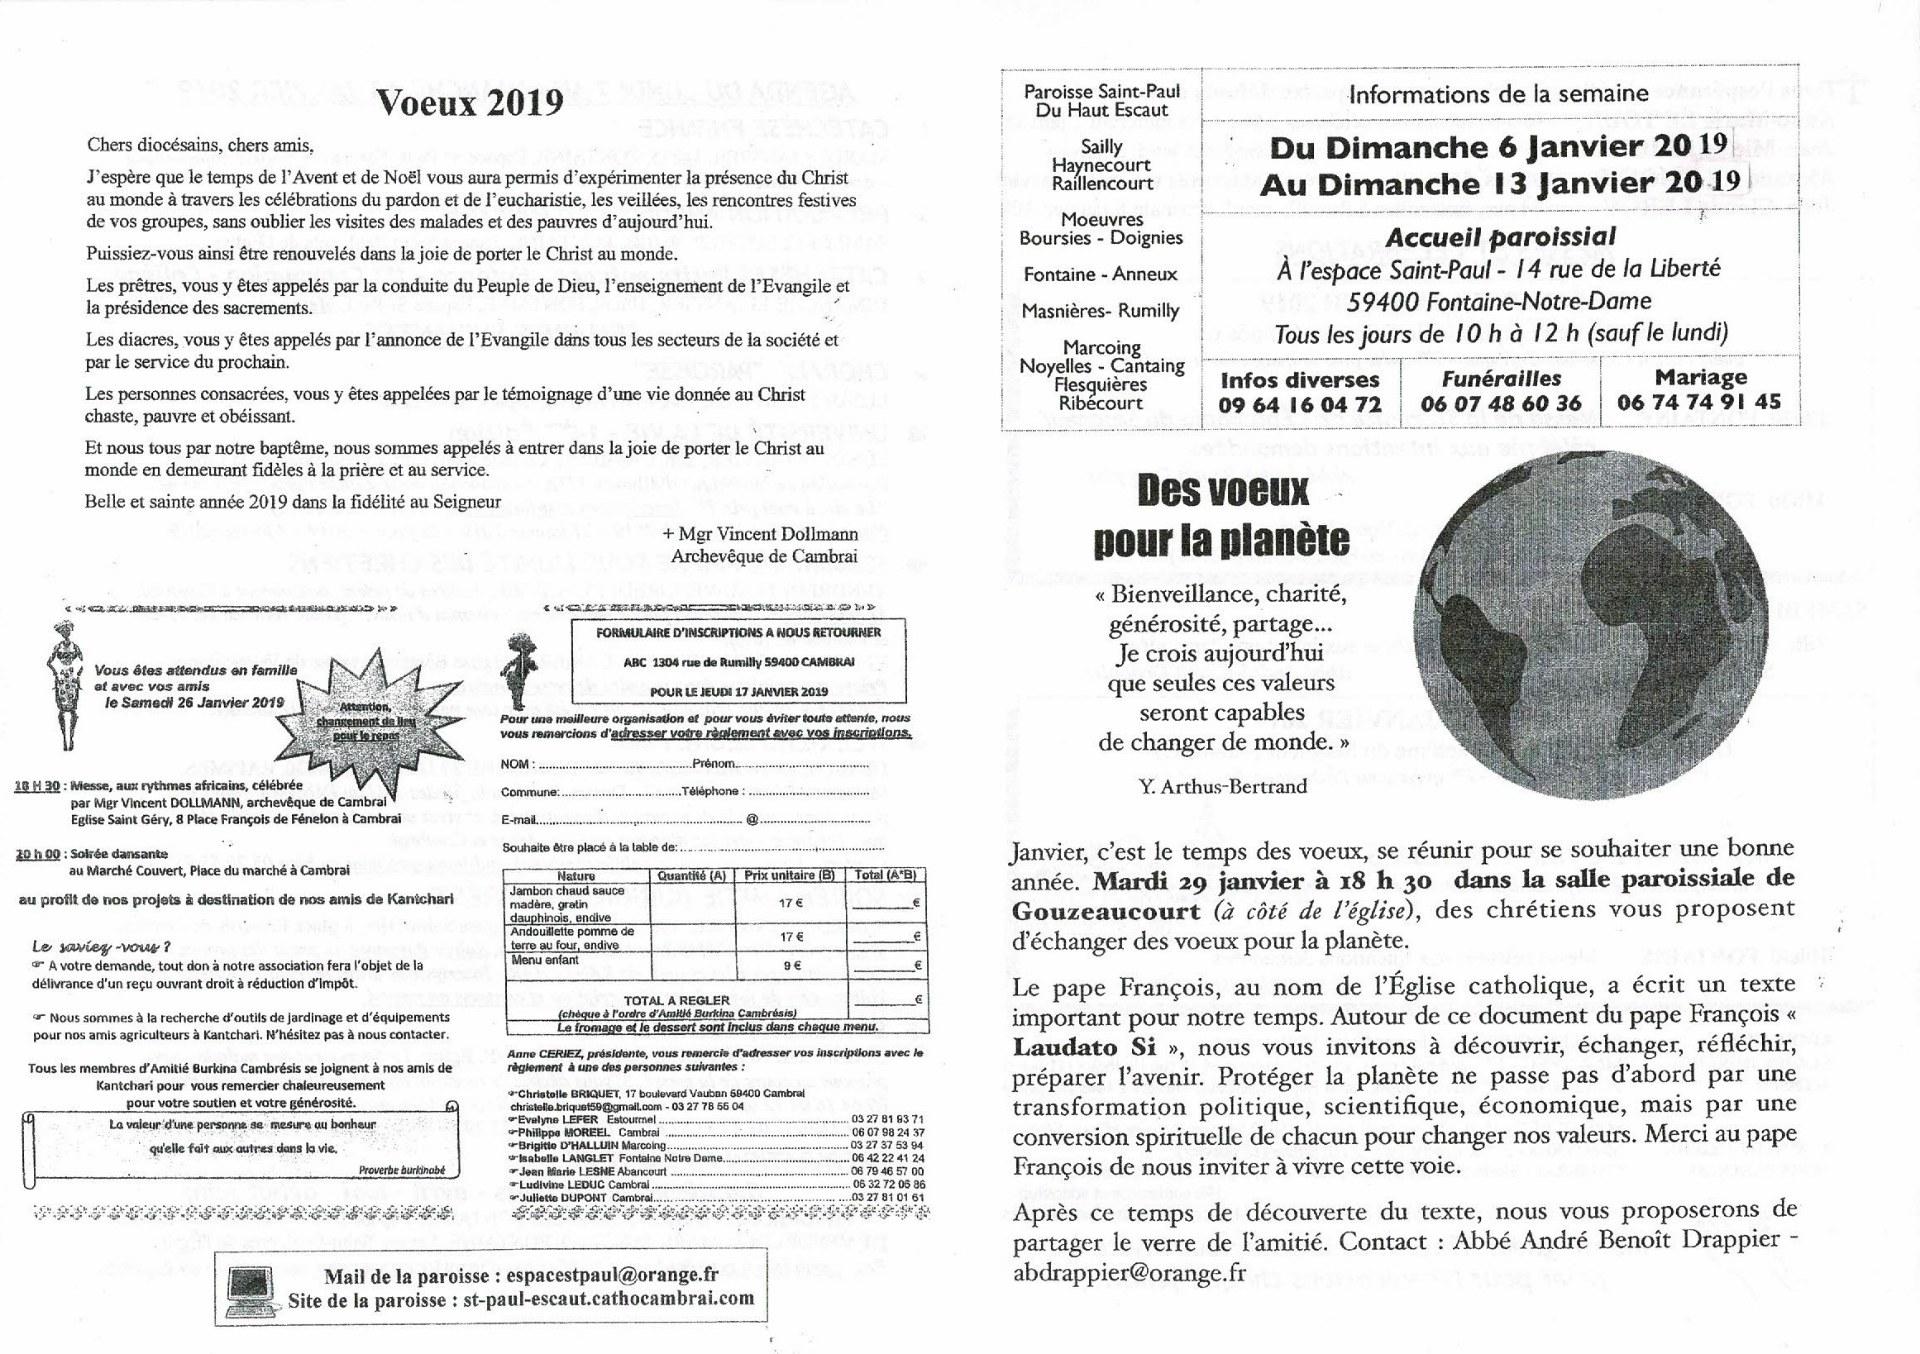 Feuille hebdo du dimanche 6 janvier 2019-1